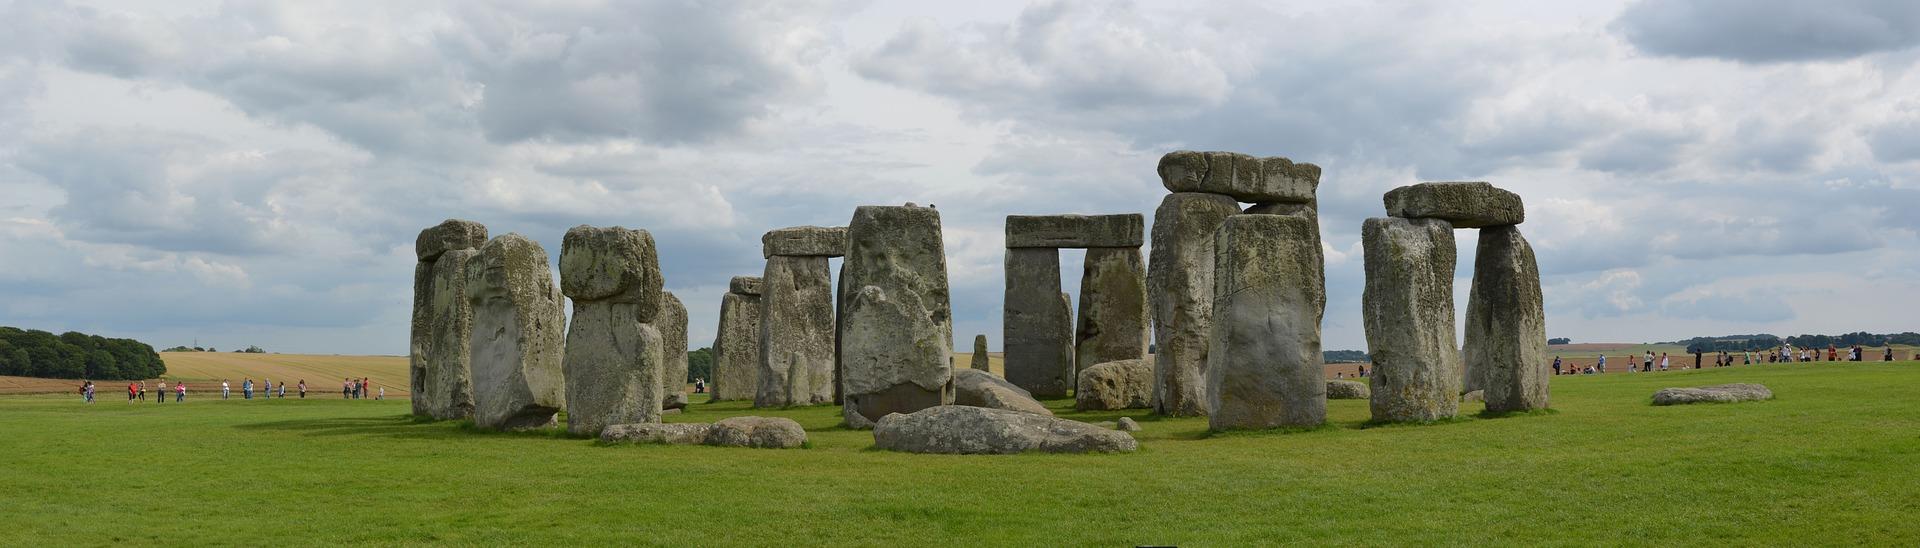 stonehenge-1480288_1920